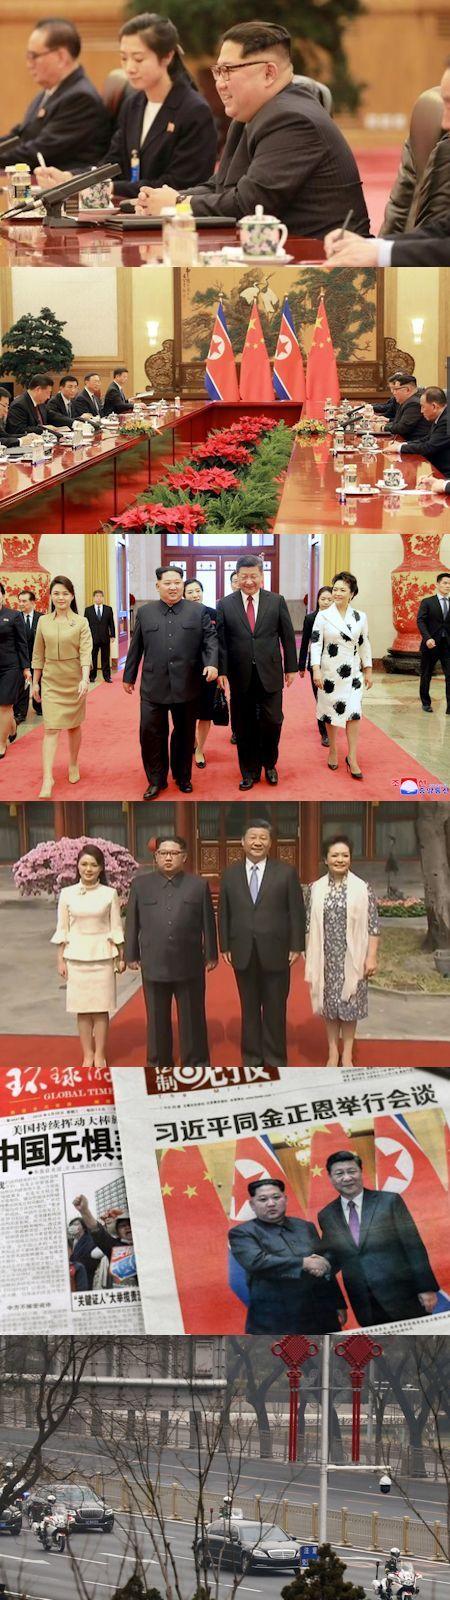 北朝鮮は中国の核の傘に入る - 金正恩の核放棄の意思決定は本物だ_c0315619_16203535.jpg